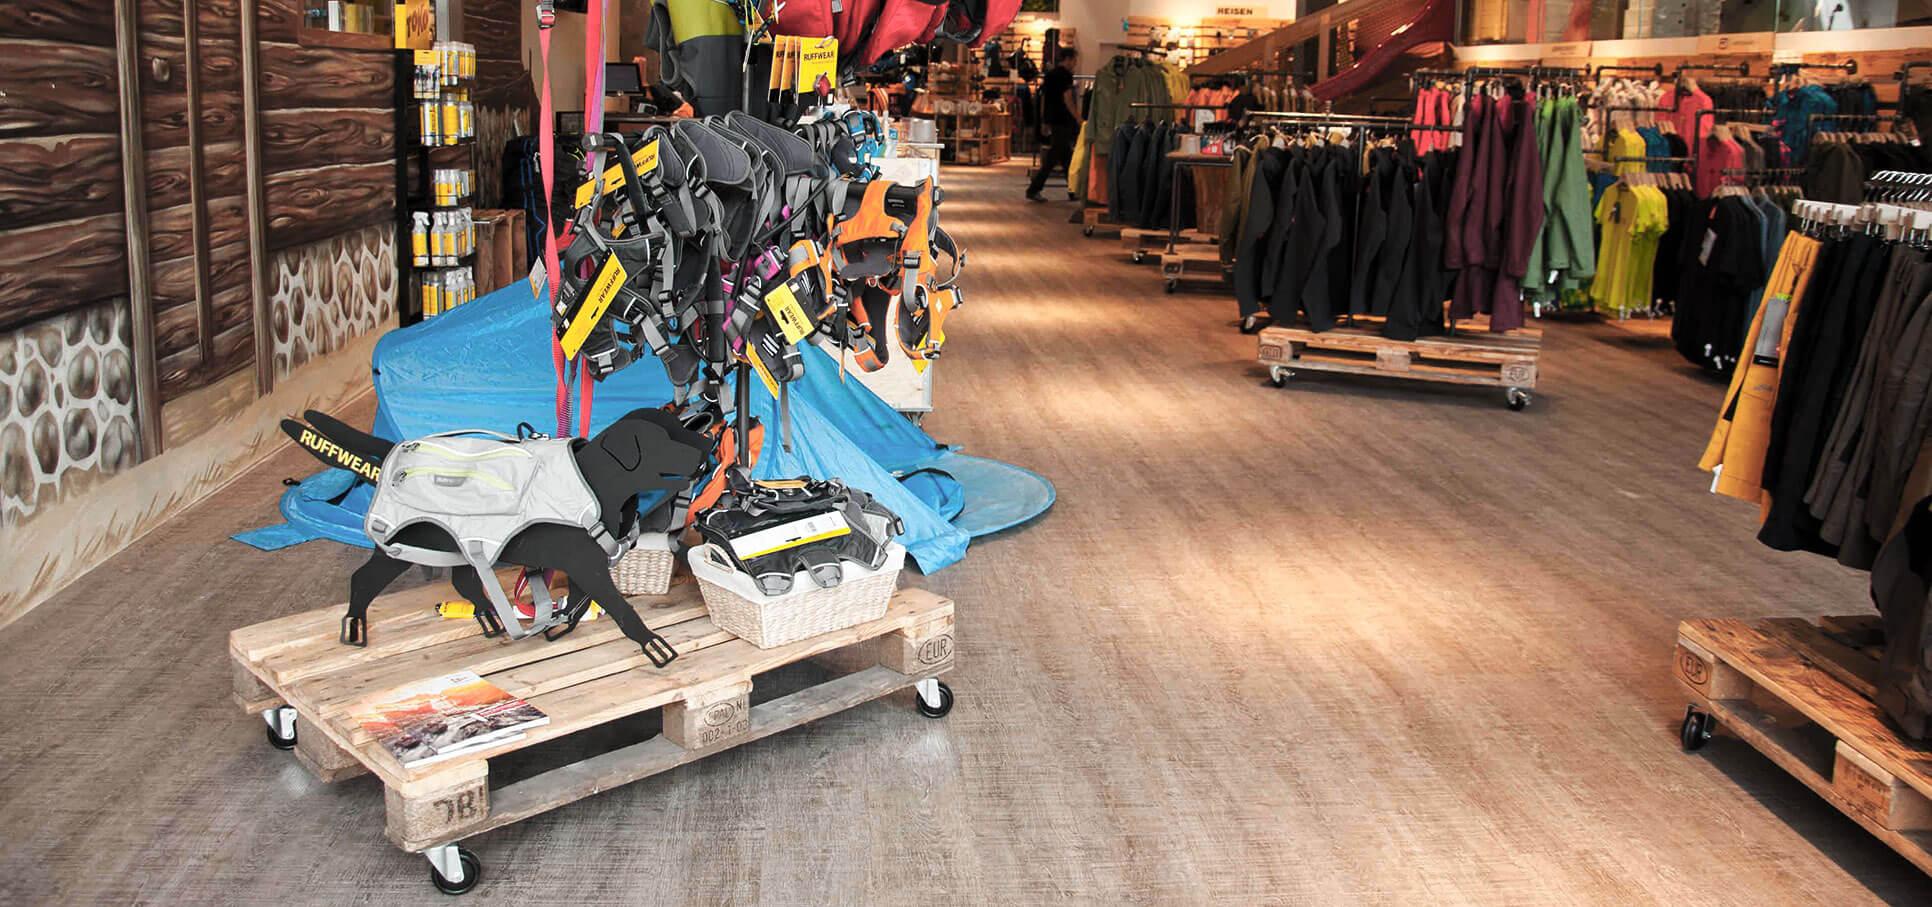 spatz-camping-outdoor-store-ladenbau-interiordesign-ladeneinrichtung01.jpg